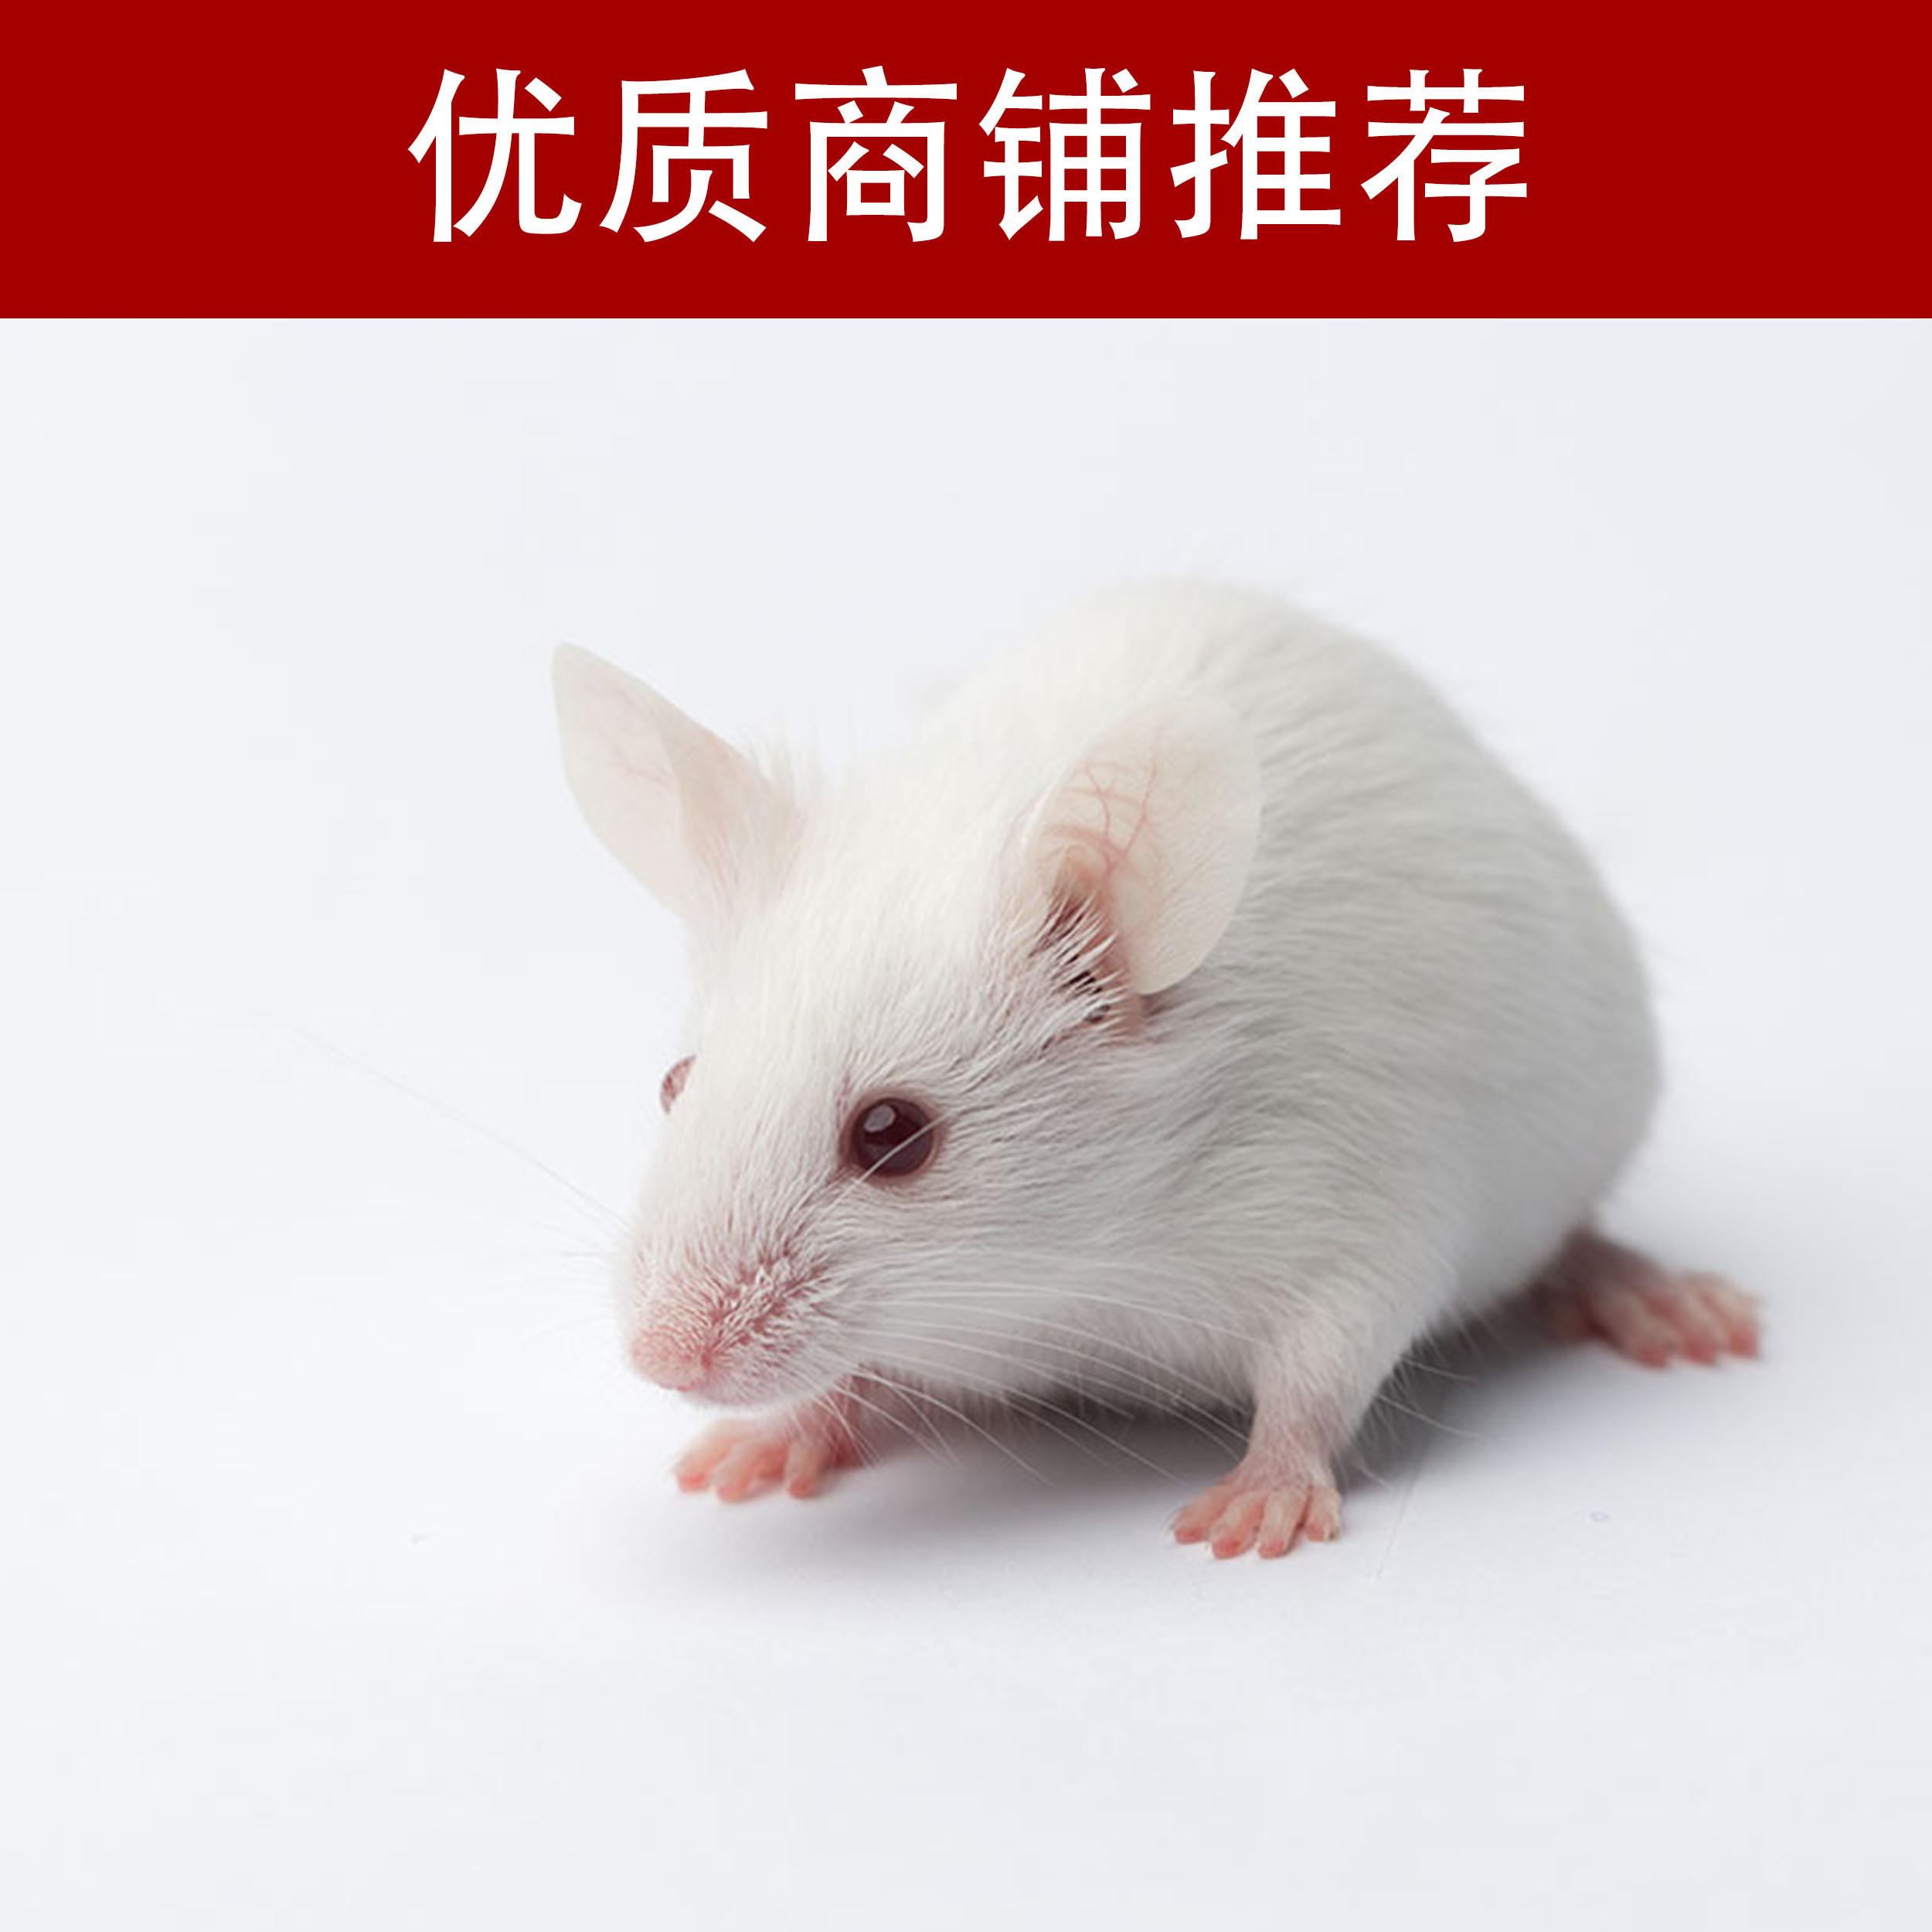 野百合碱诱导肺动脉高压动物模型制备